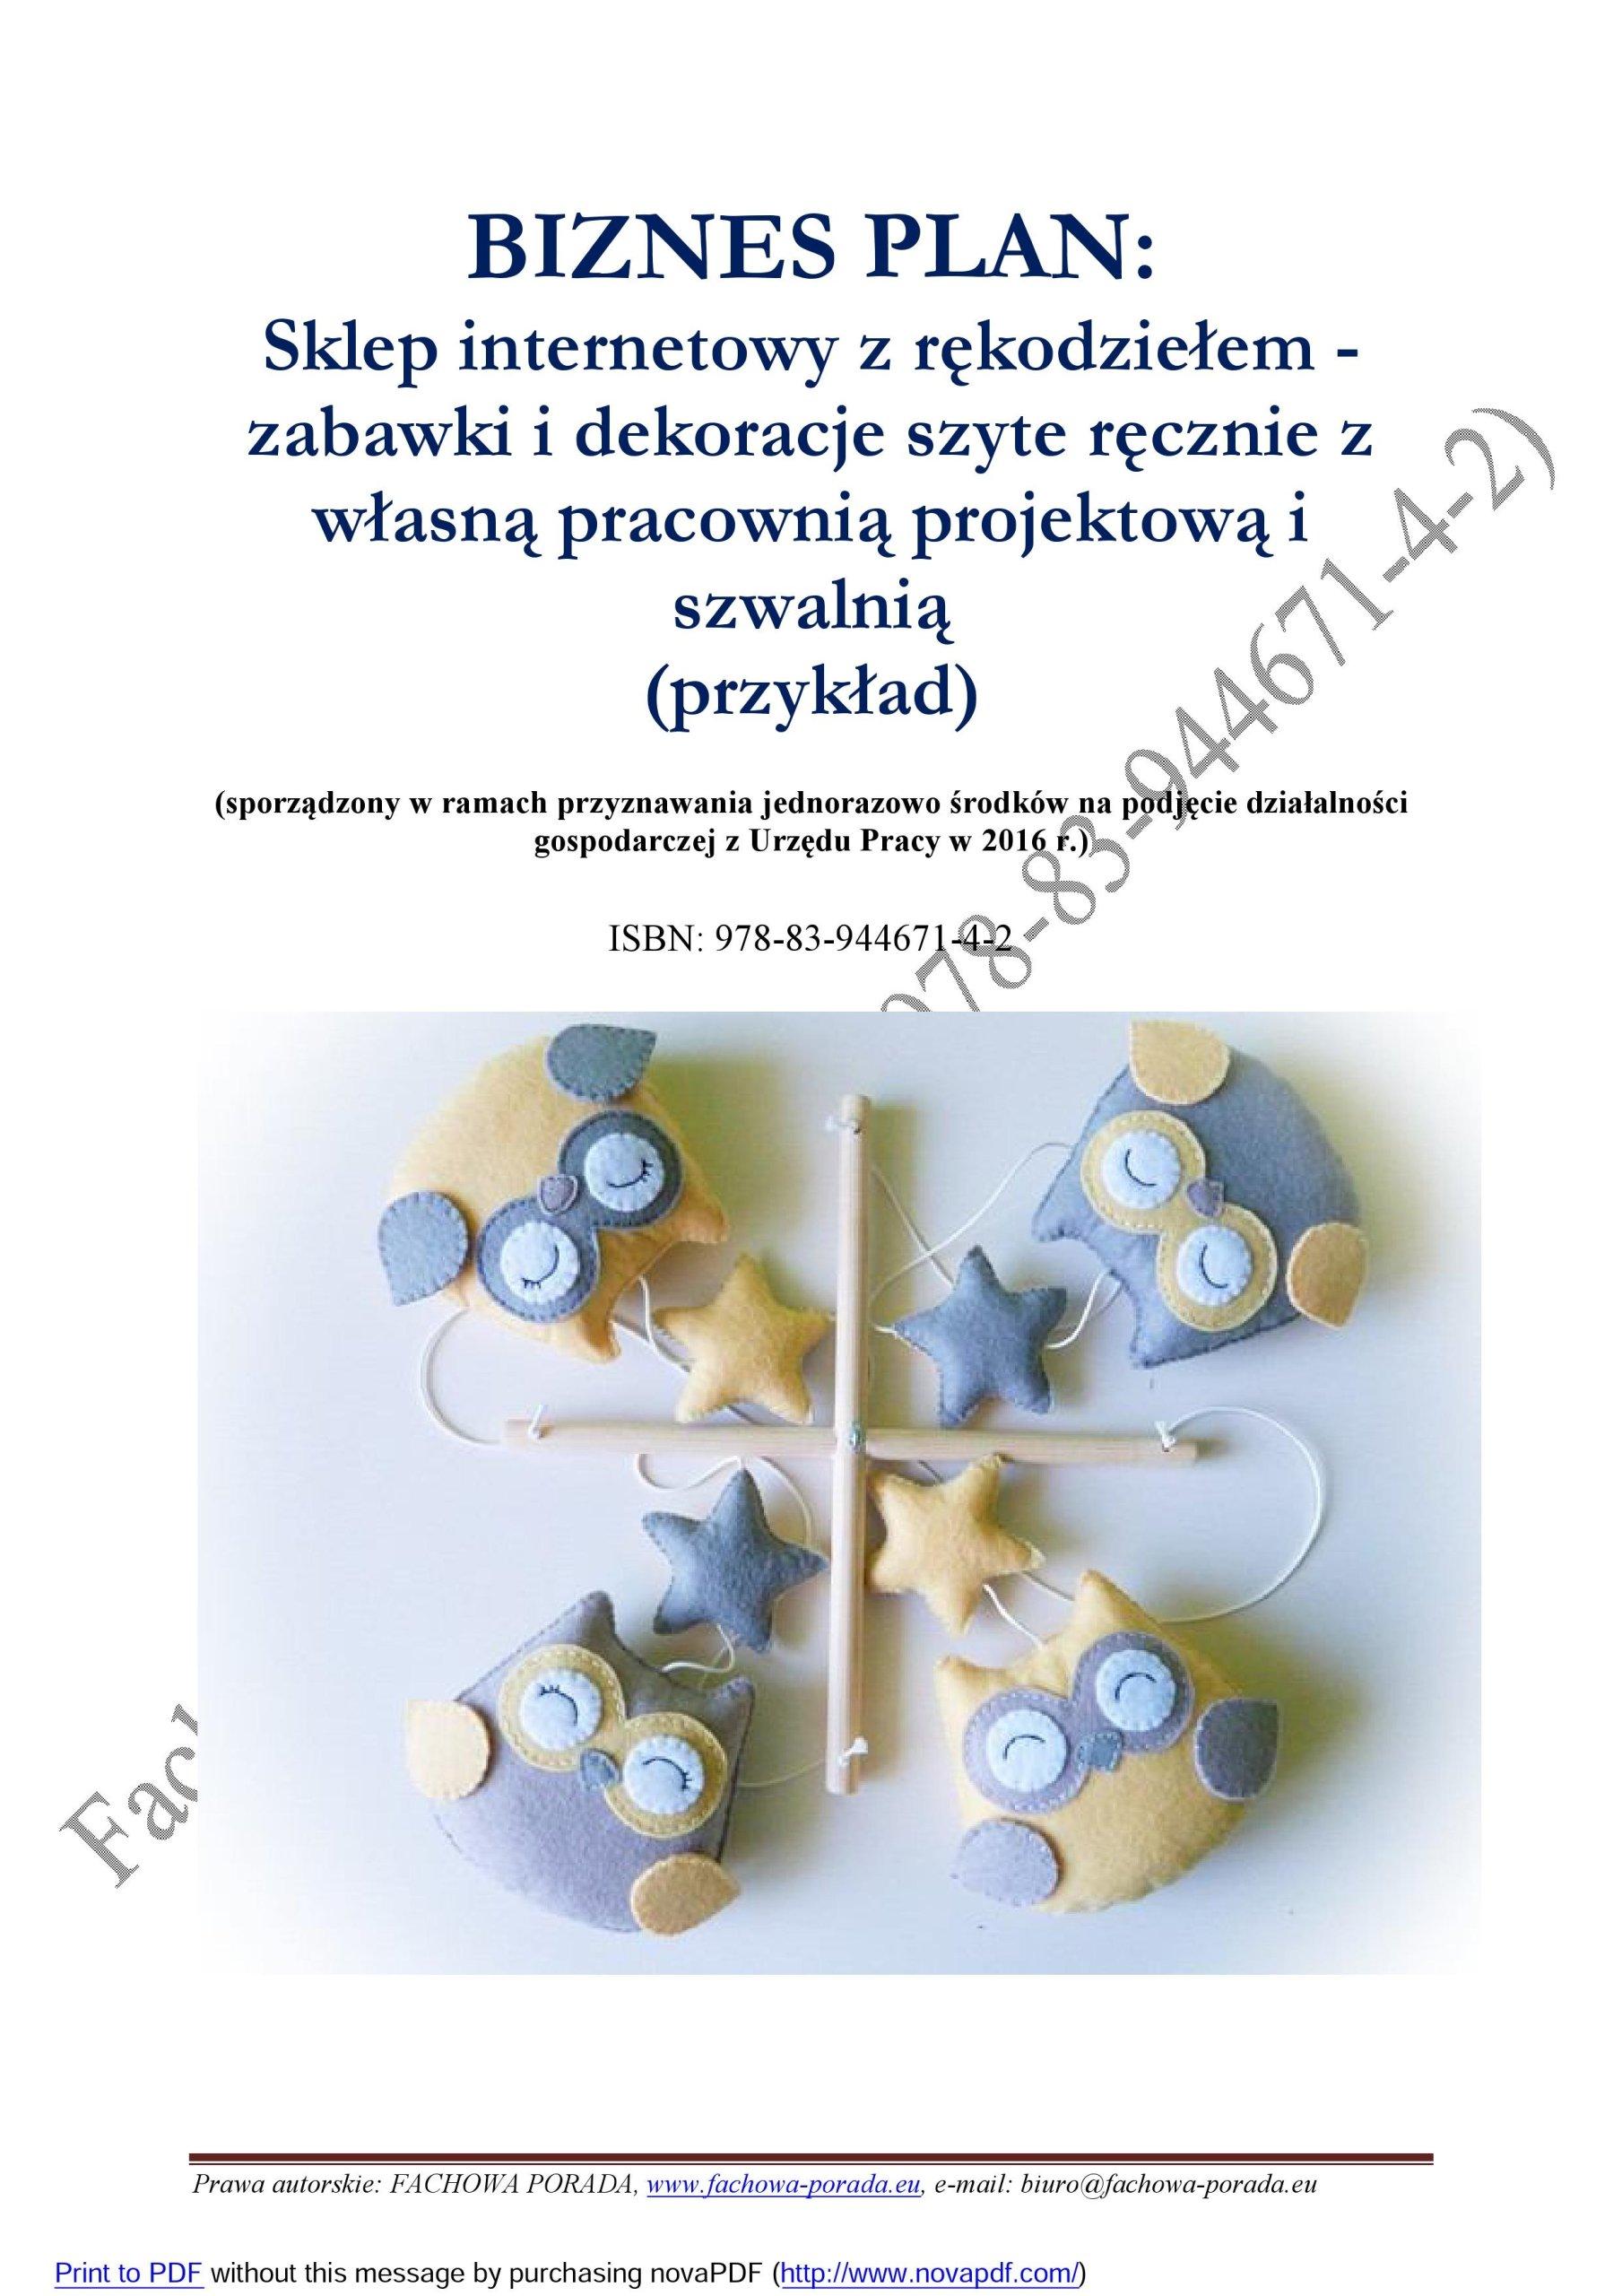 dd1a330b285eff BIZNESPLAN rękodzieło (e-sklep z zabawkami) 6876997728 - Allegro.pl